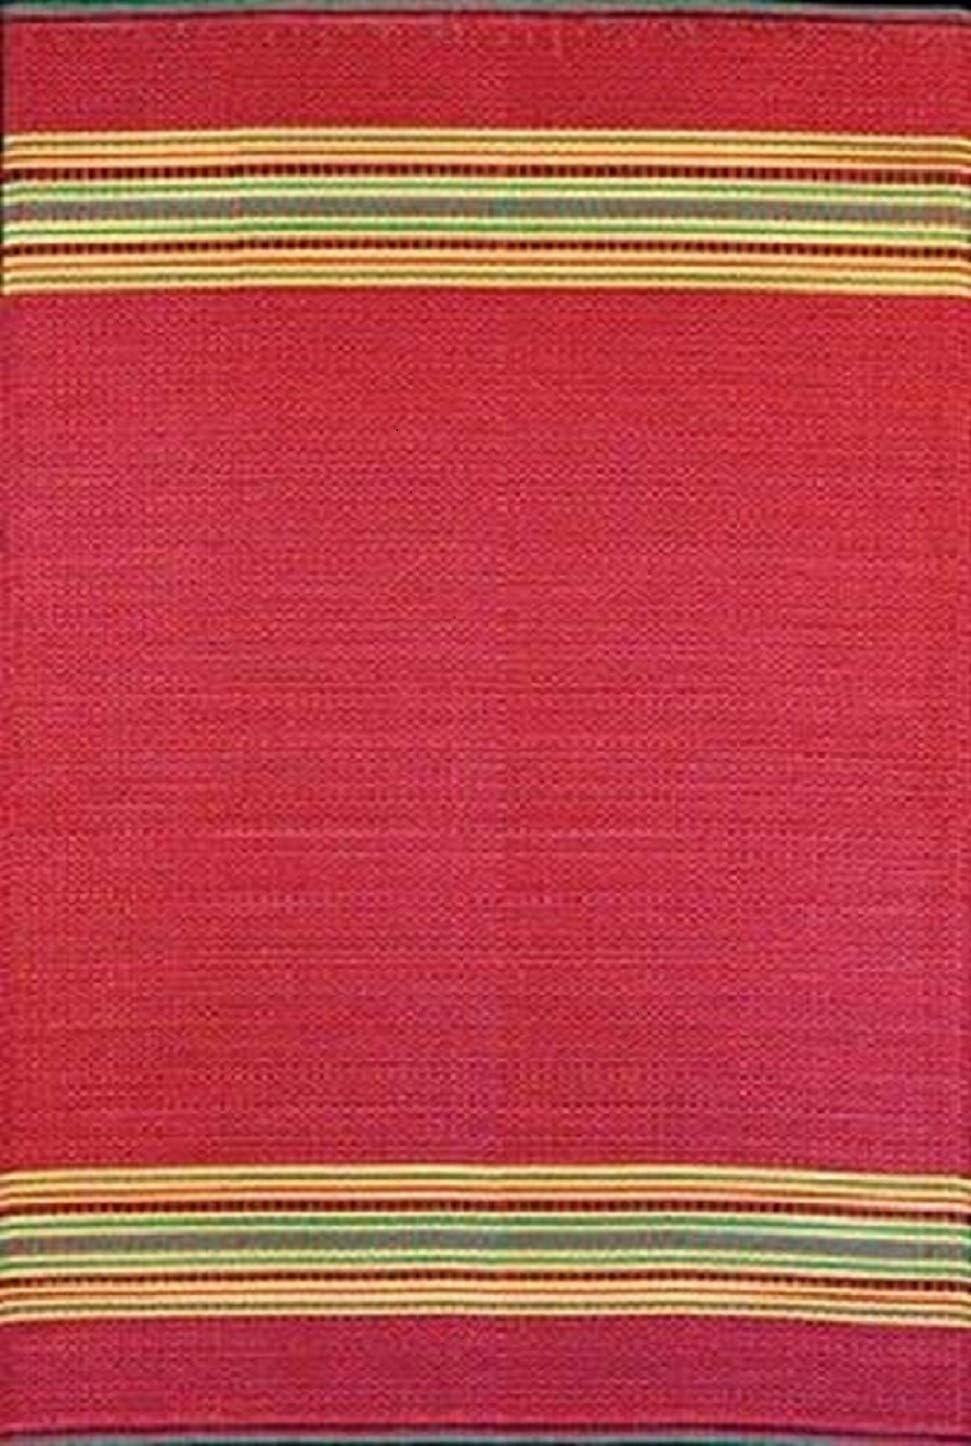 Mad Mats Serape Indoor Outdoor Floor Mat, 4 by 6-Feet, Dark Red